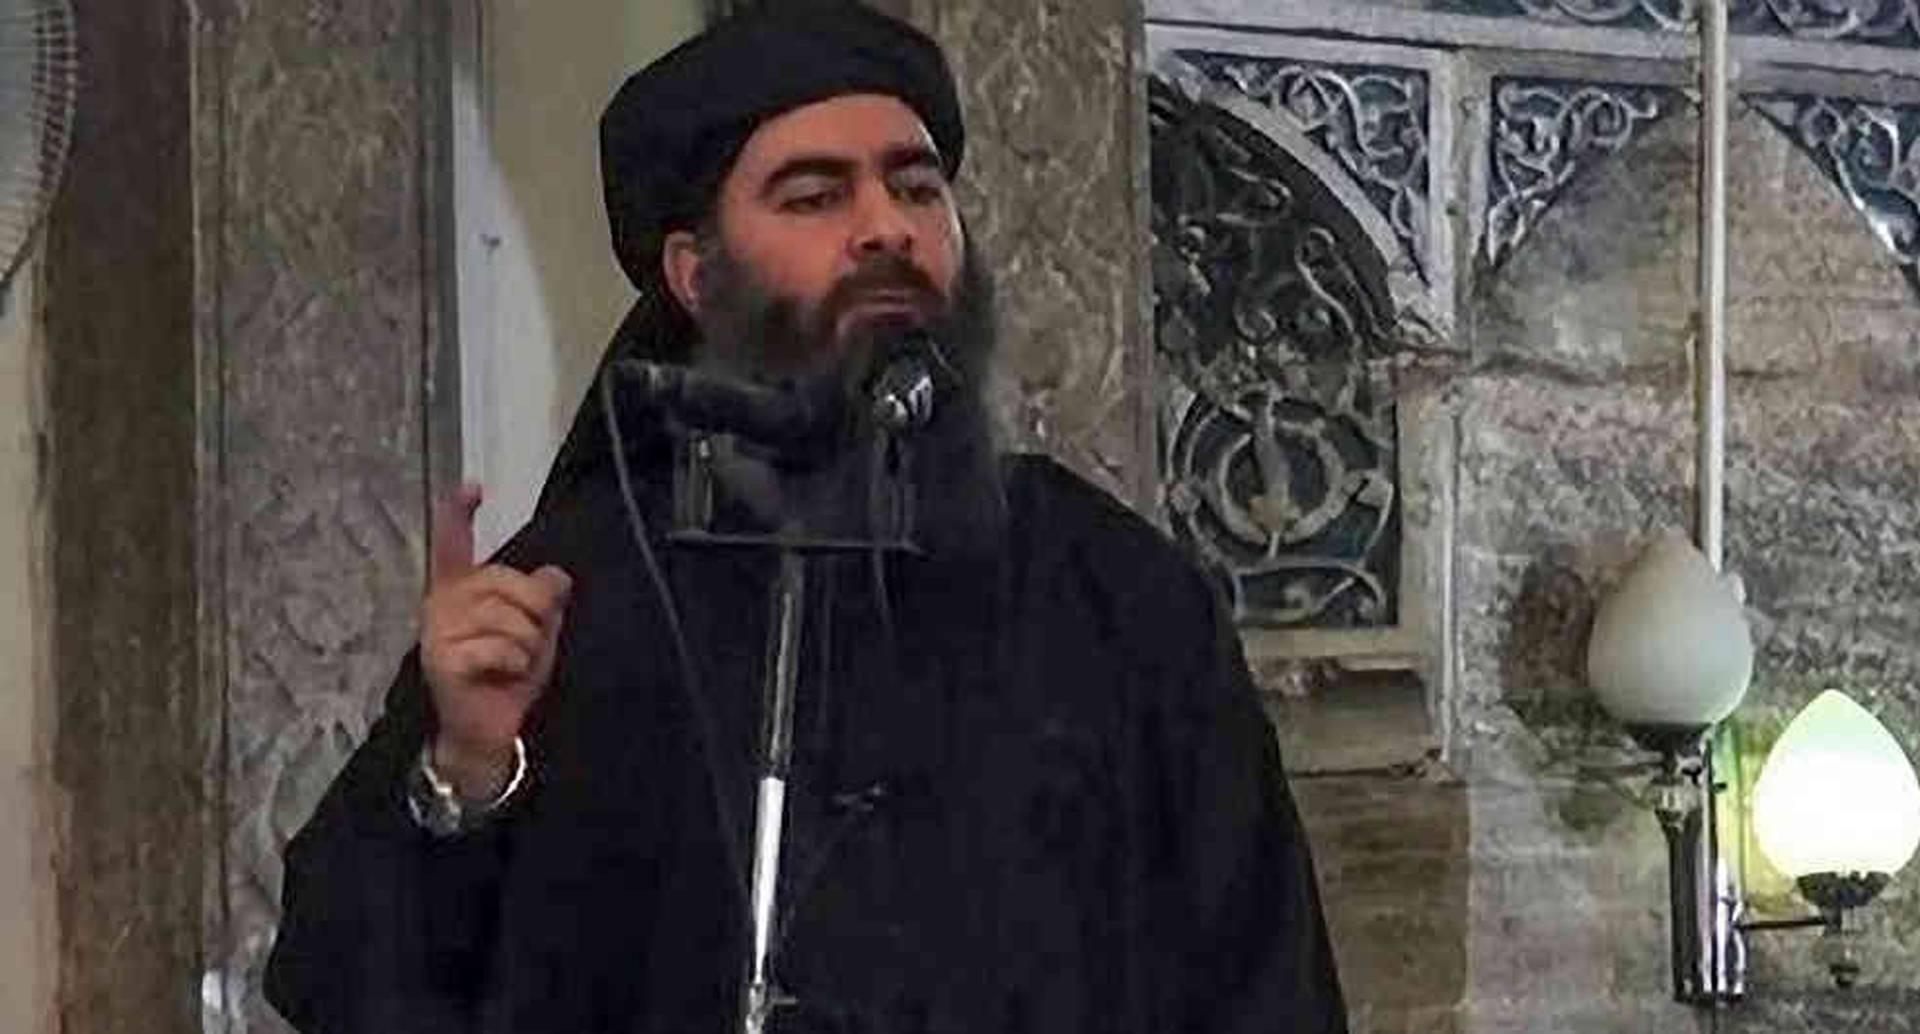 El líder del Estado Islámico murió en una operación conducida por Estados Unidos.